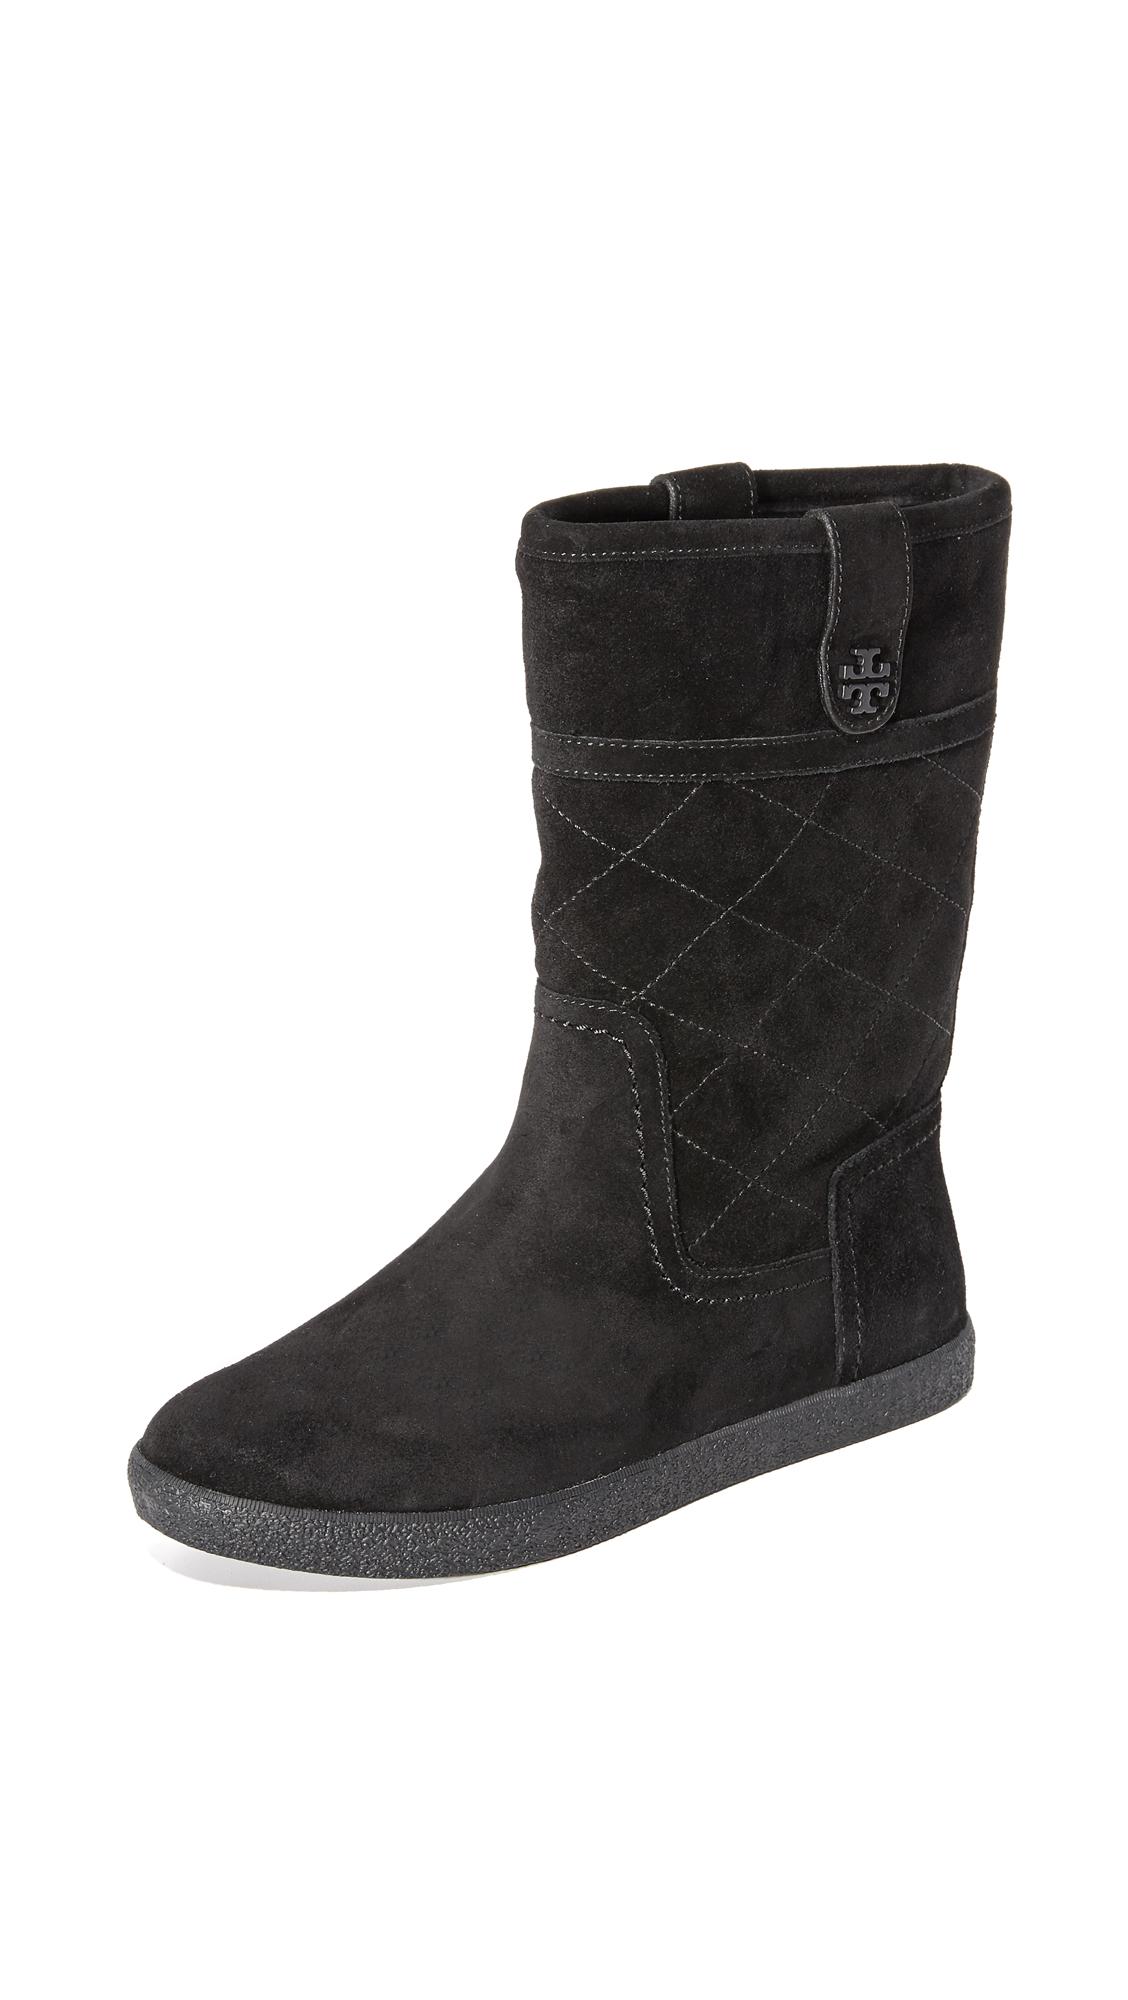 Tory Burch Alana Shearling Boots - Black/Black/Black